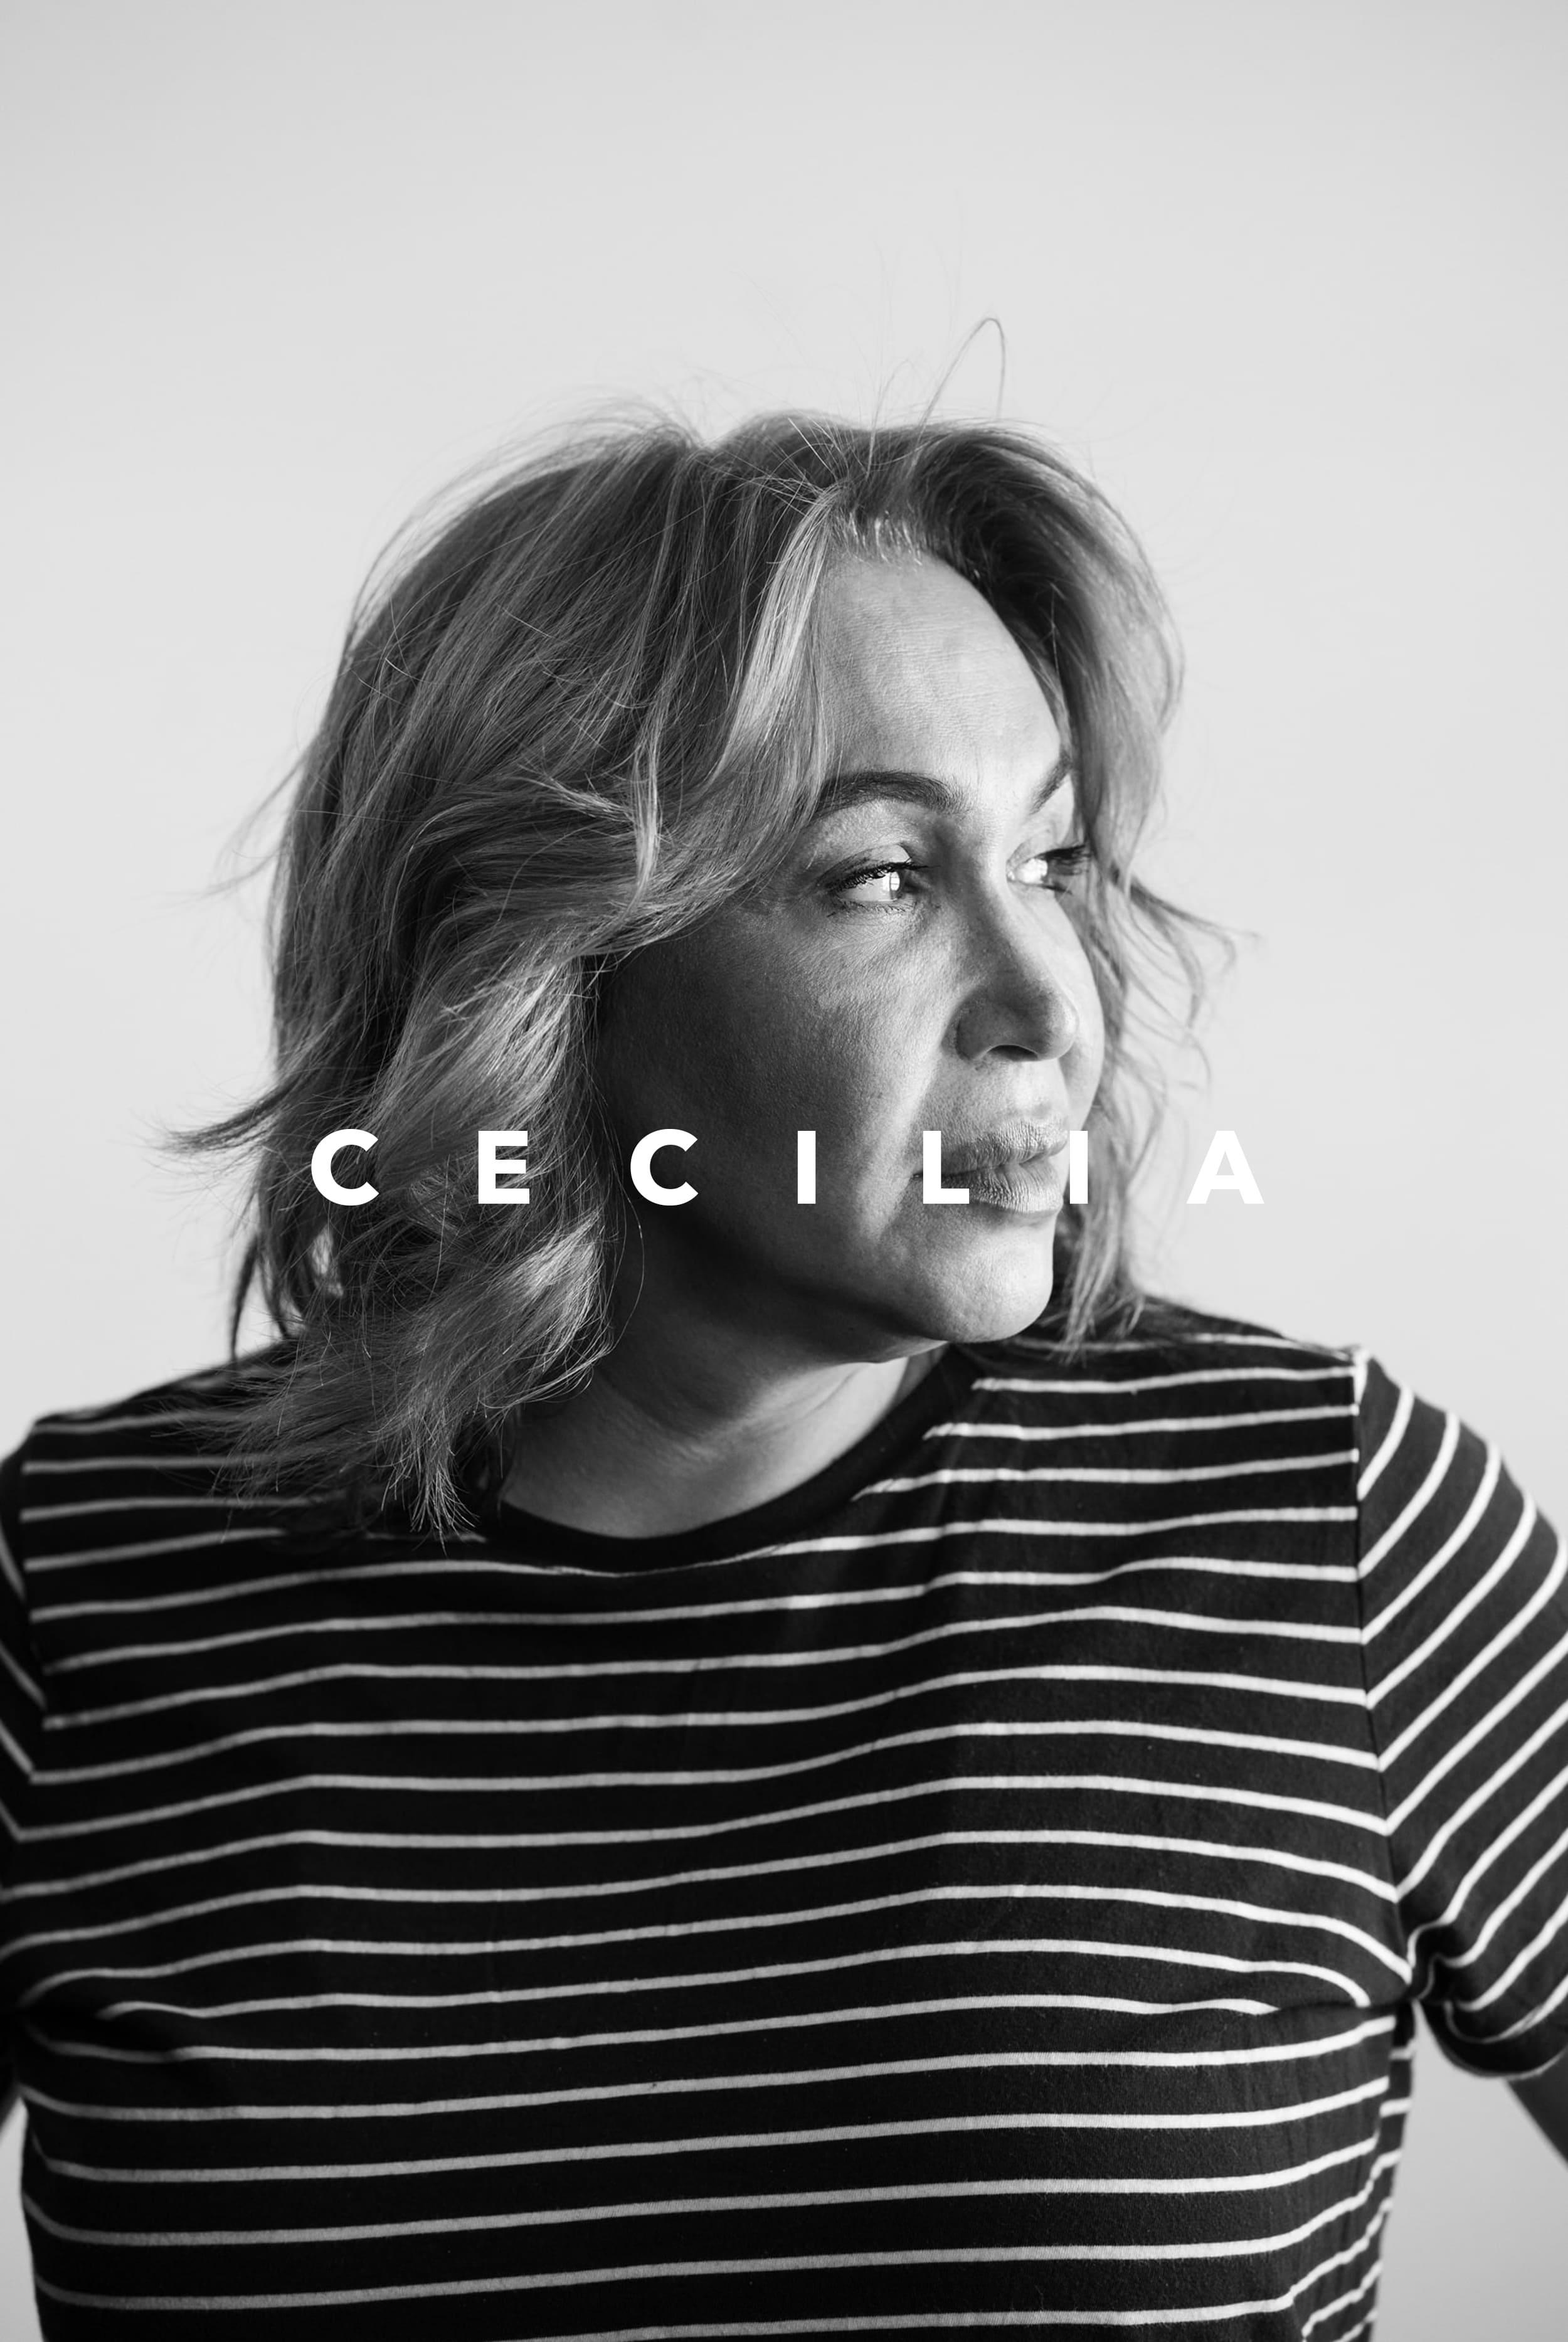 CECILIA-min.jpg